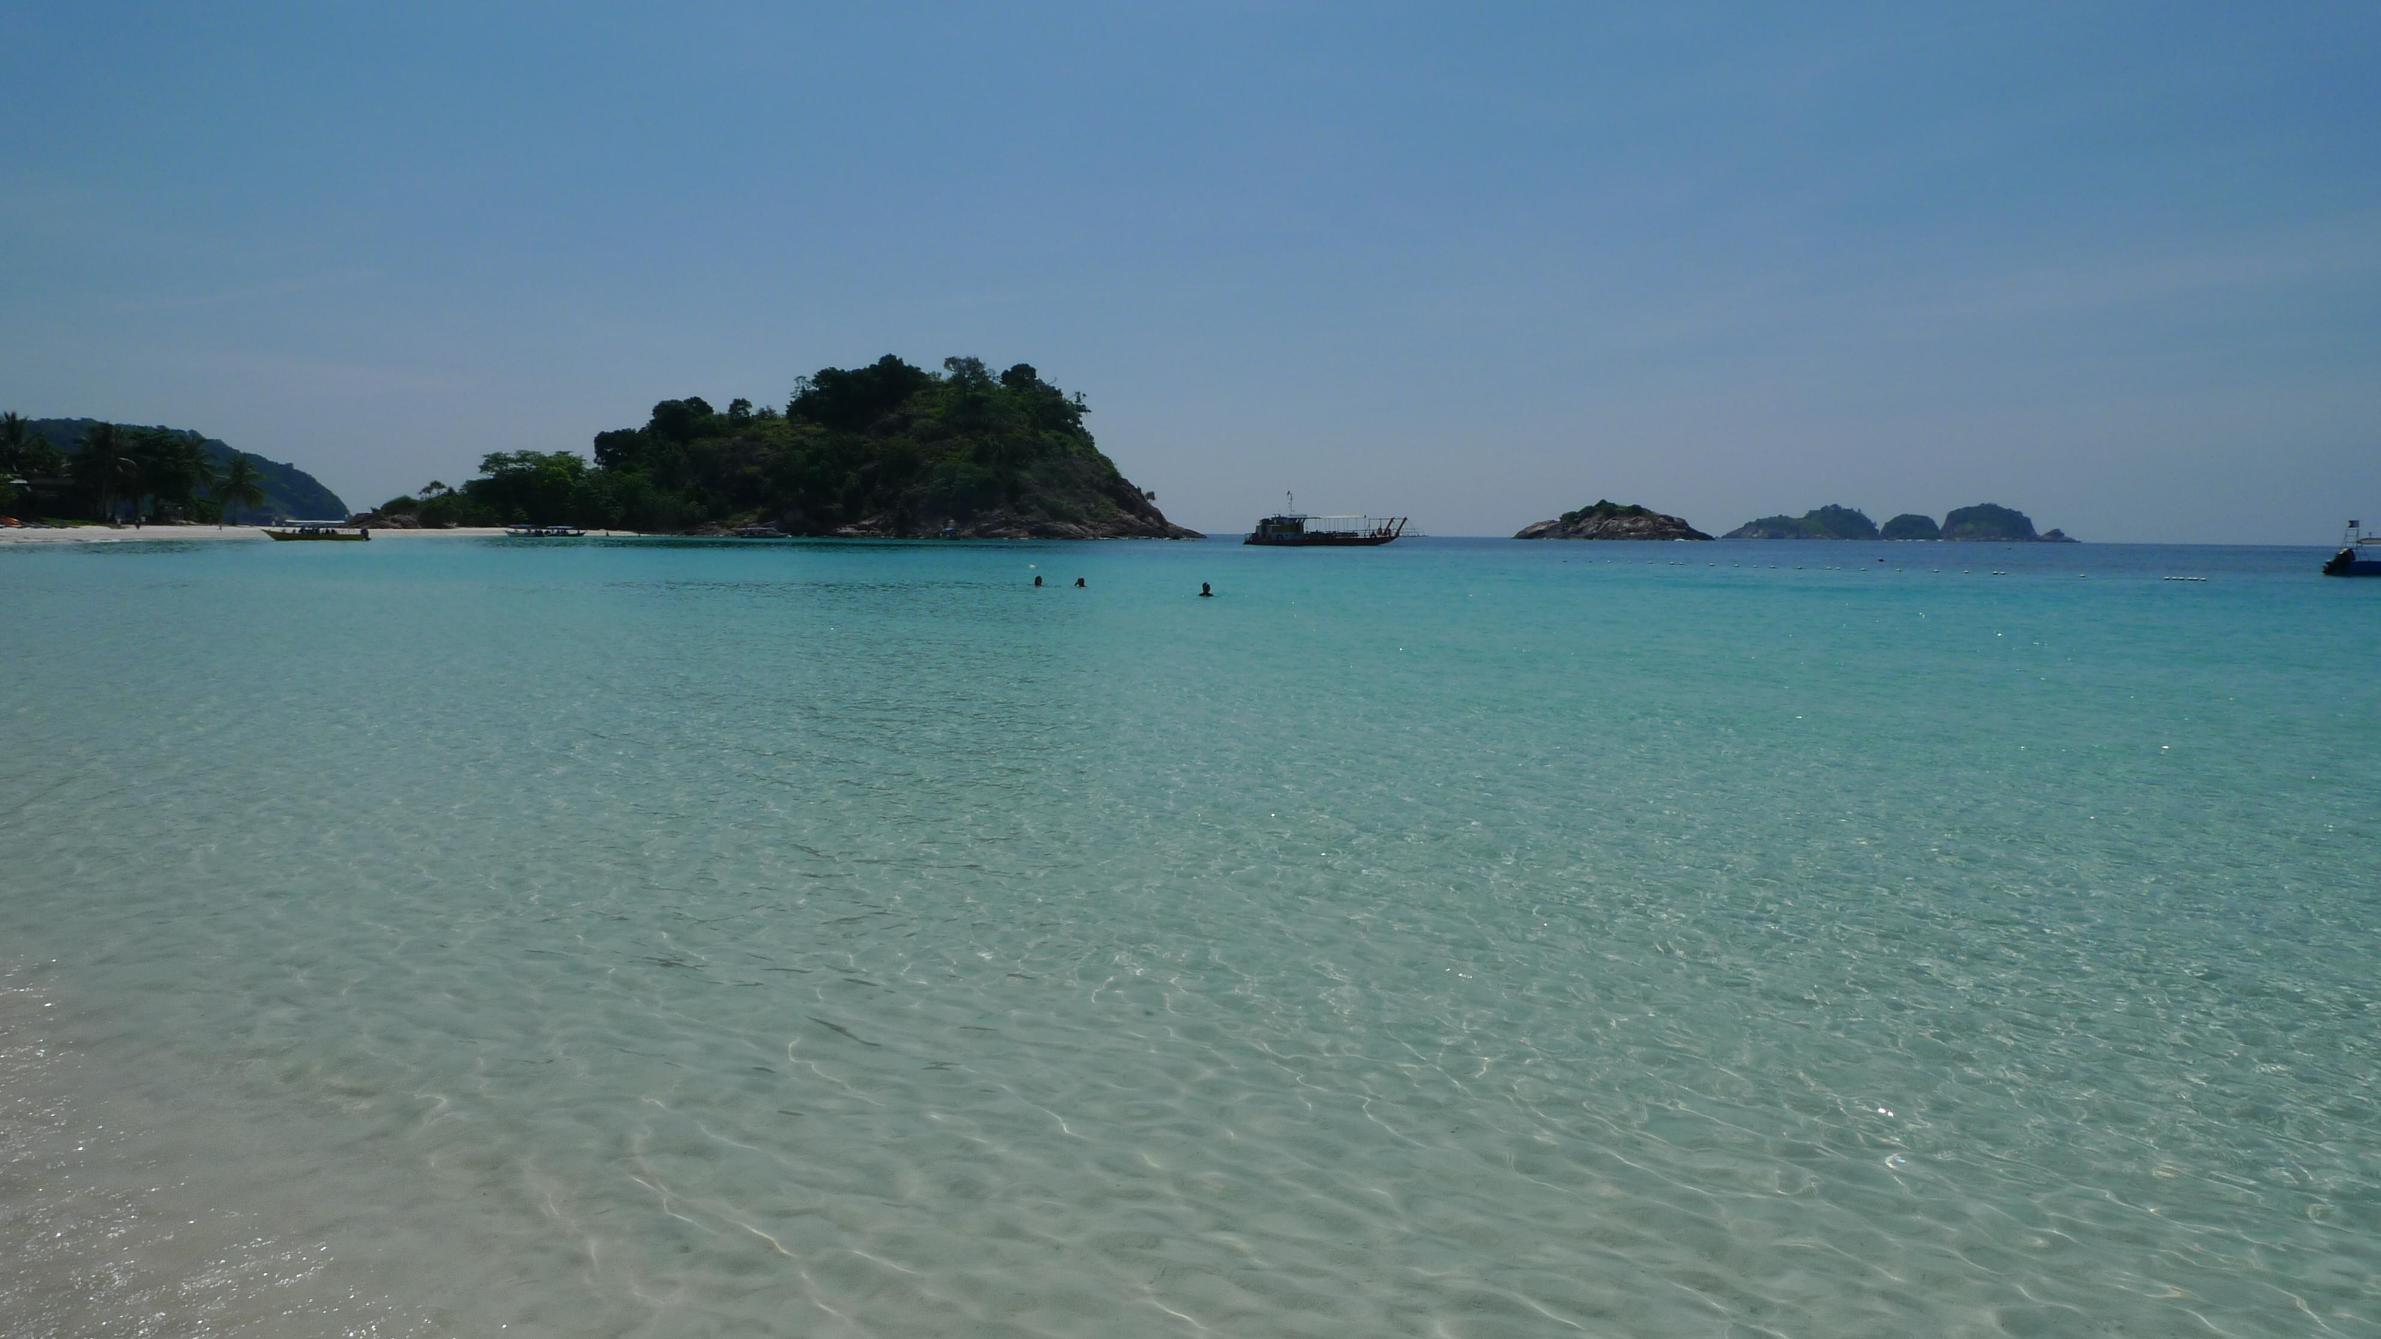 > 一家三口6月马来西亚热浪岛自由行--准备,攻略加上经验教训